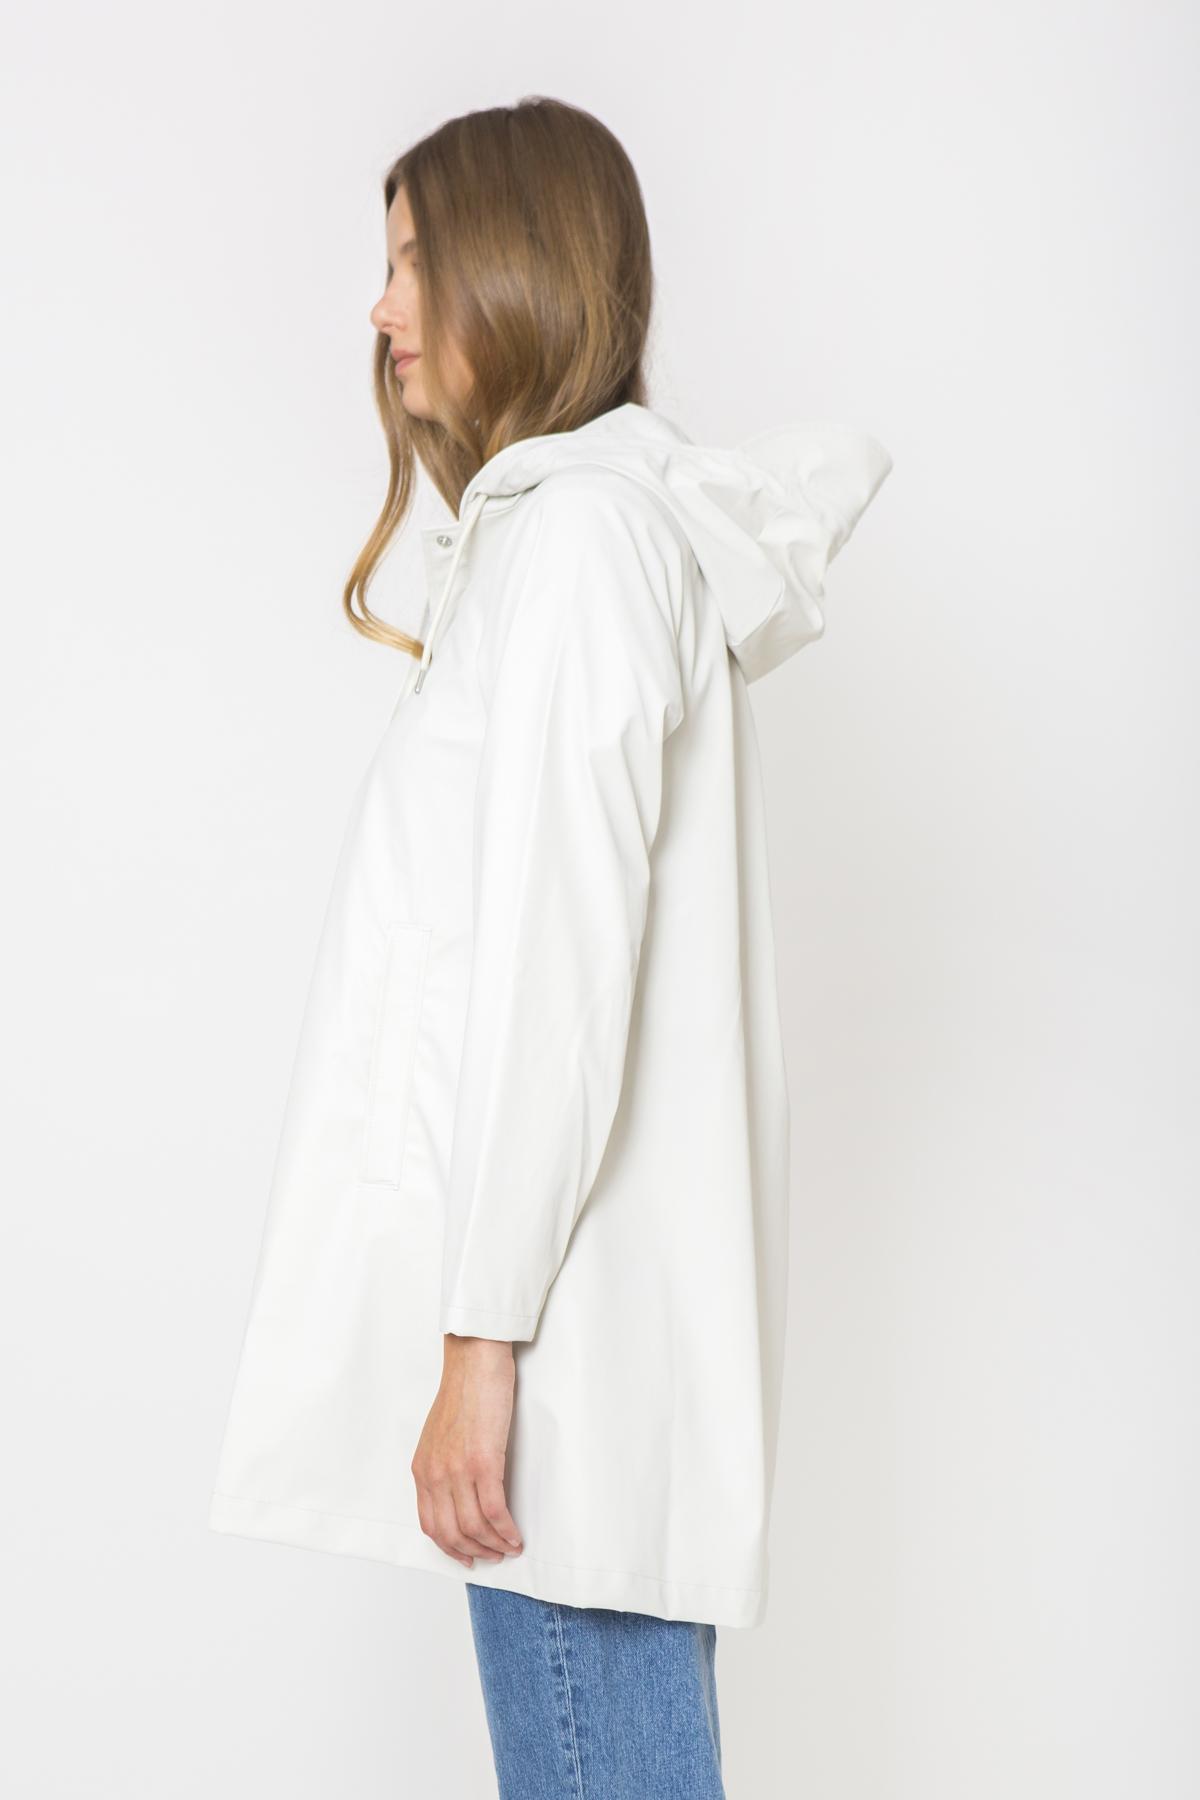 rains-jacket-offwhite-raincoat-matchboxathens